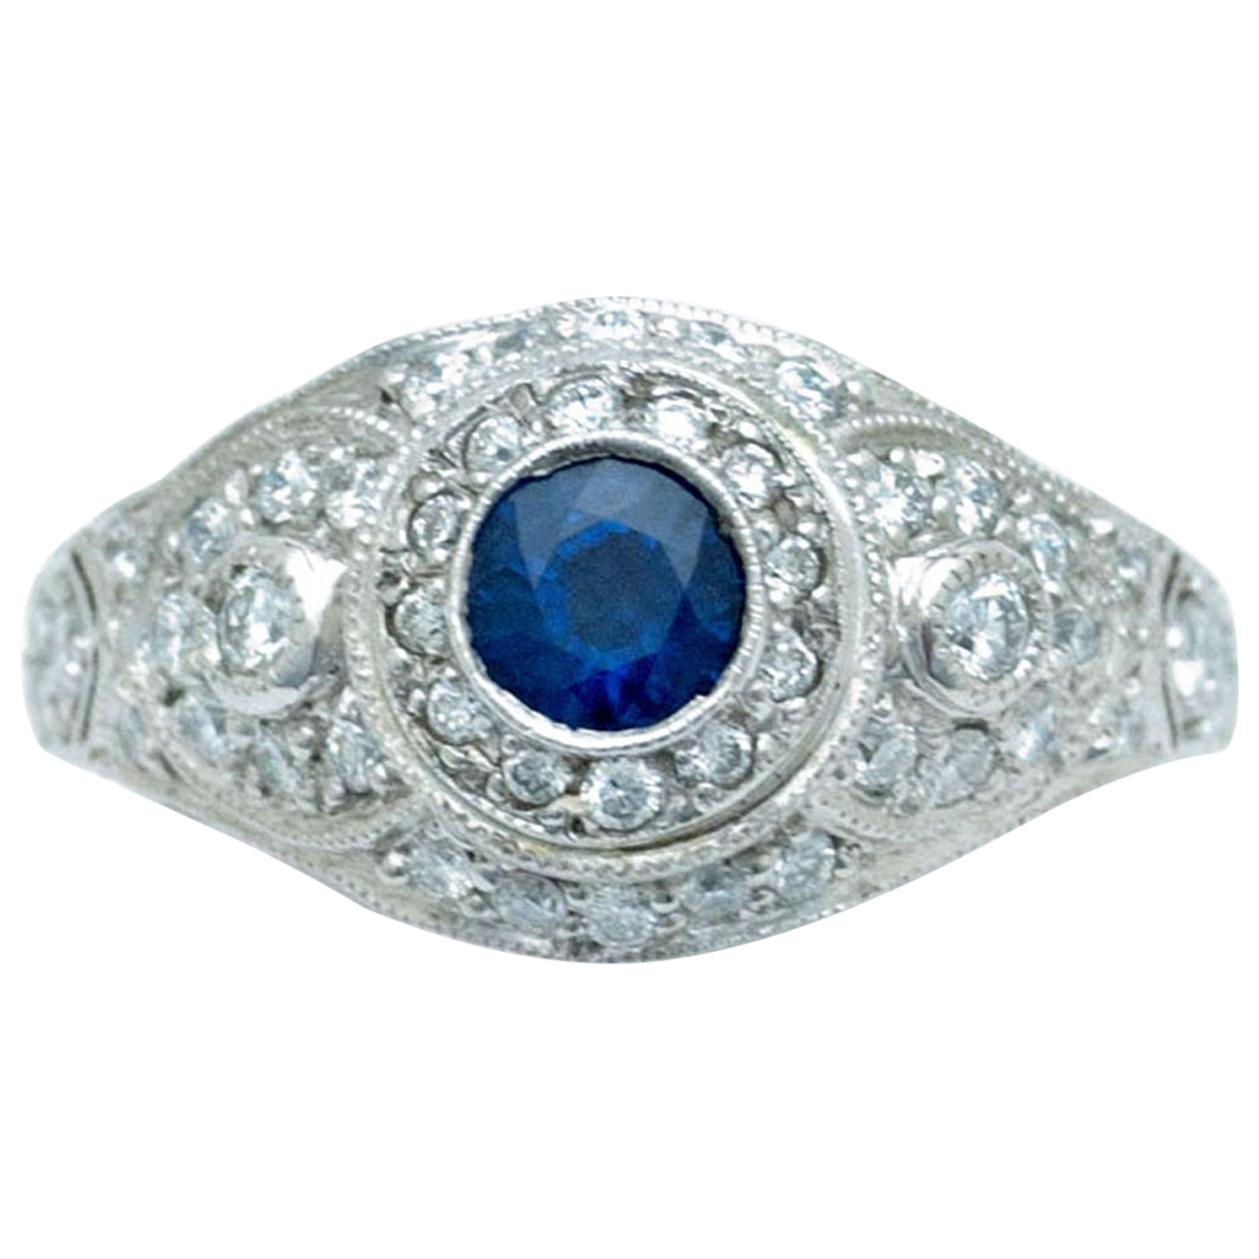 Edwardian Revival Blue Sapphire Platinum Pave Diamonds Engagement Ring Dome